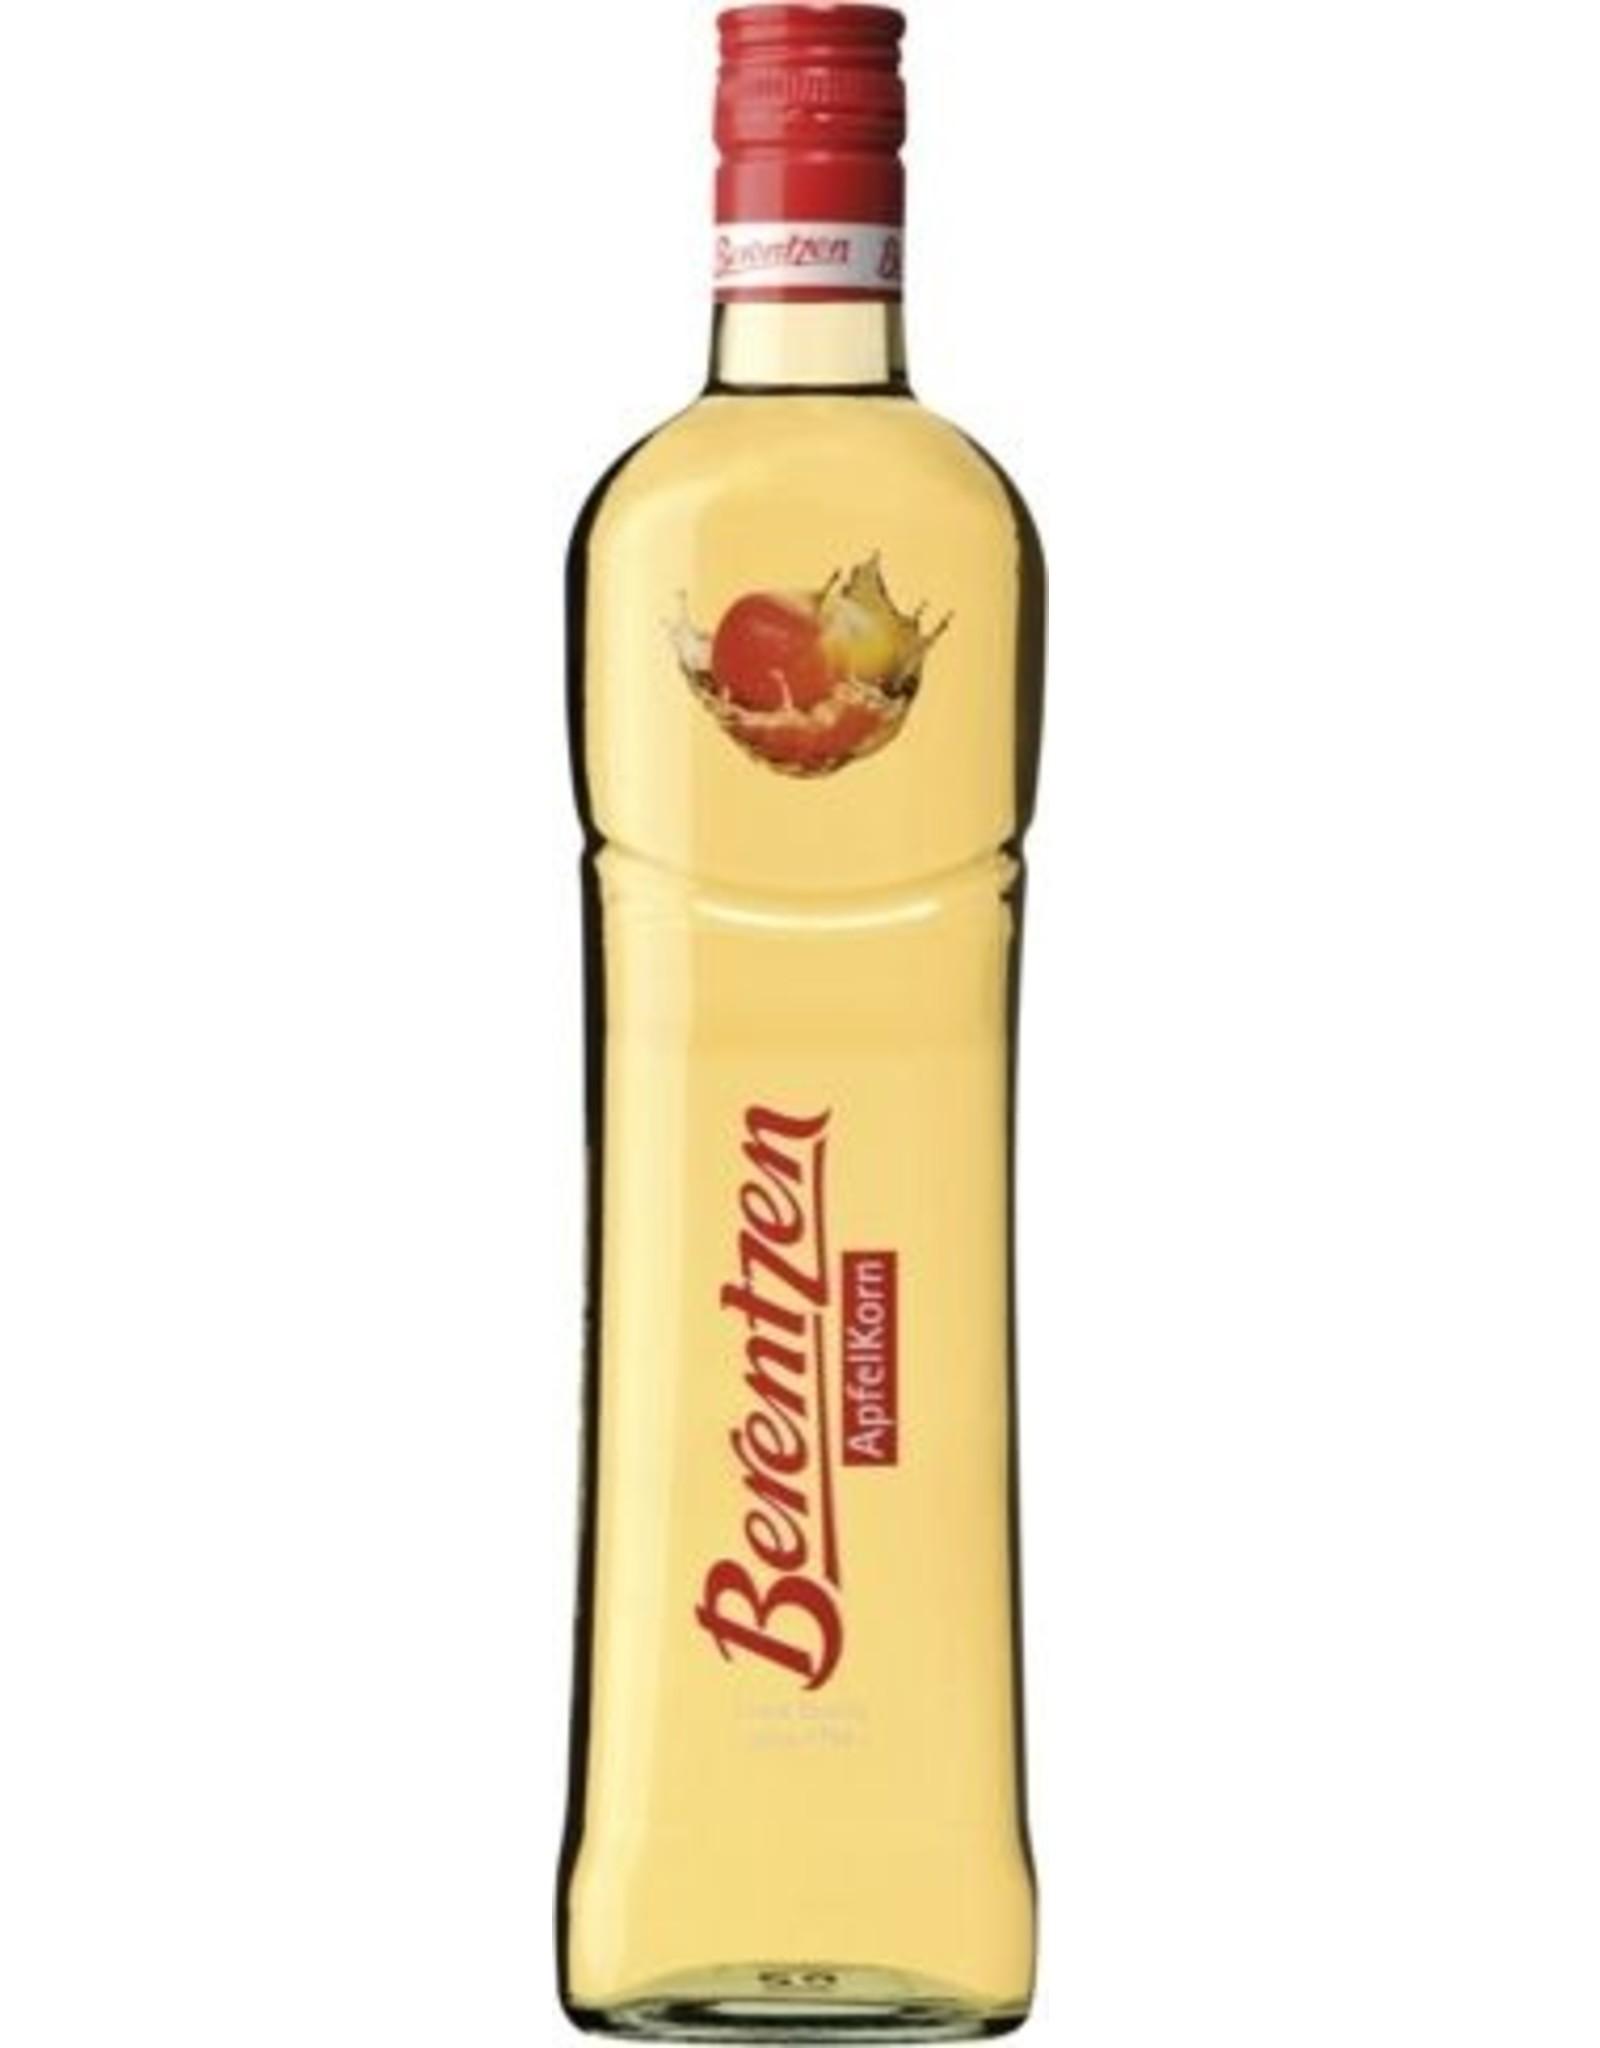 Berentzen Berentzen Apfelkorn 100cl